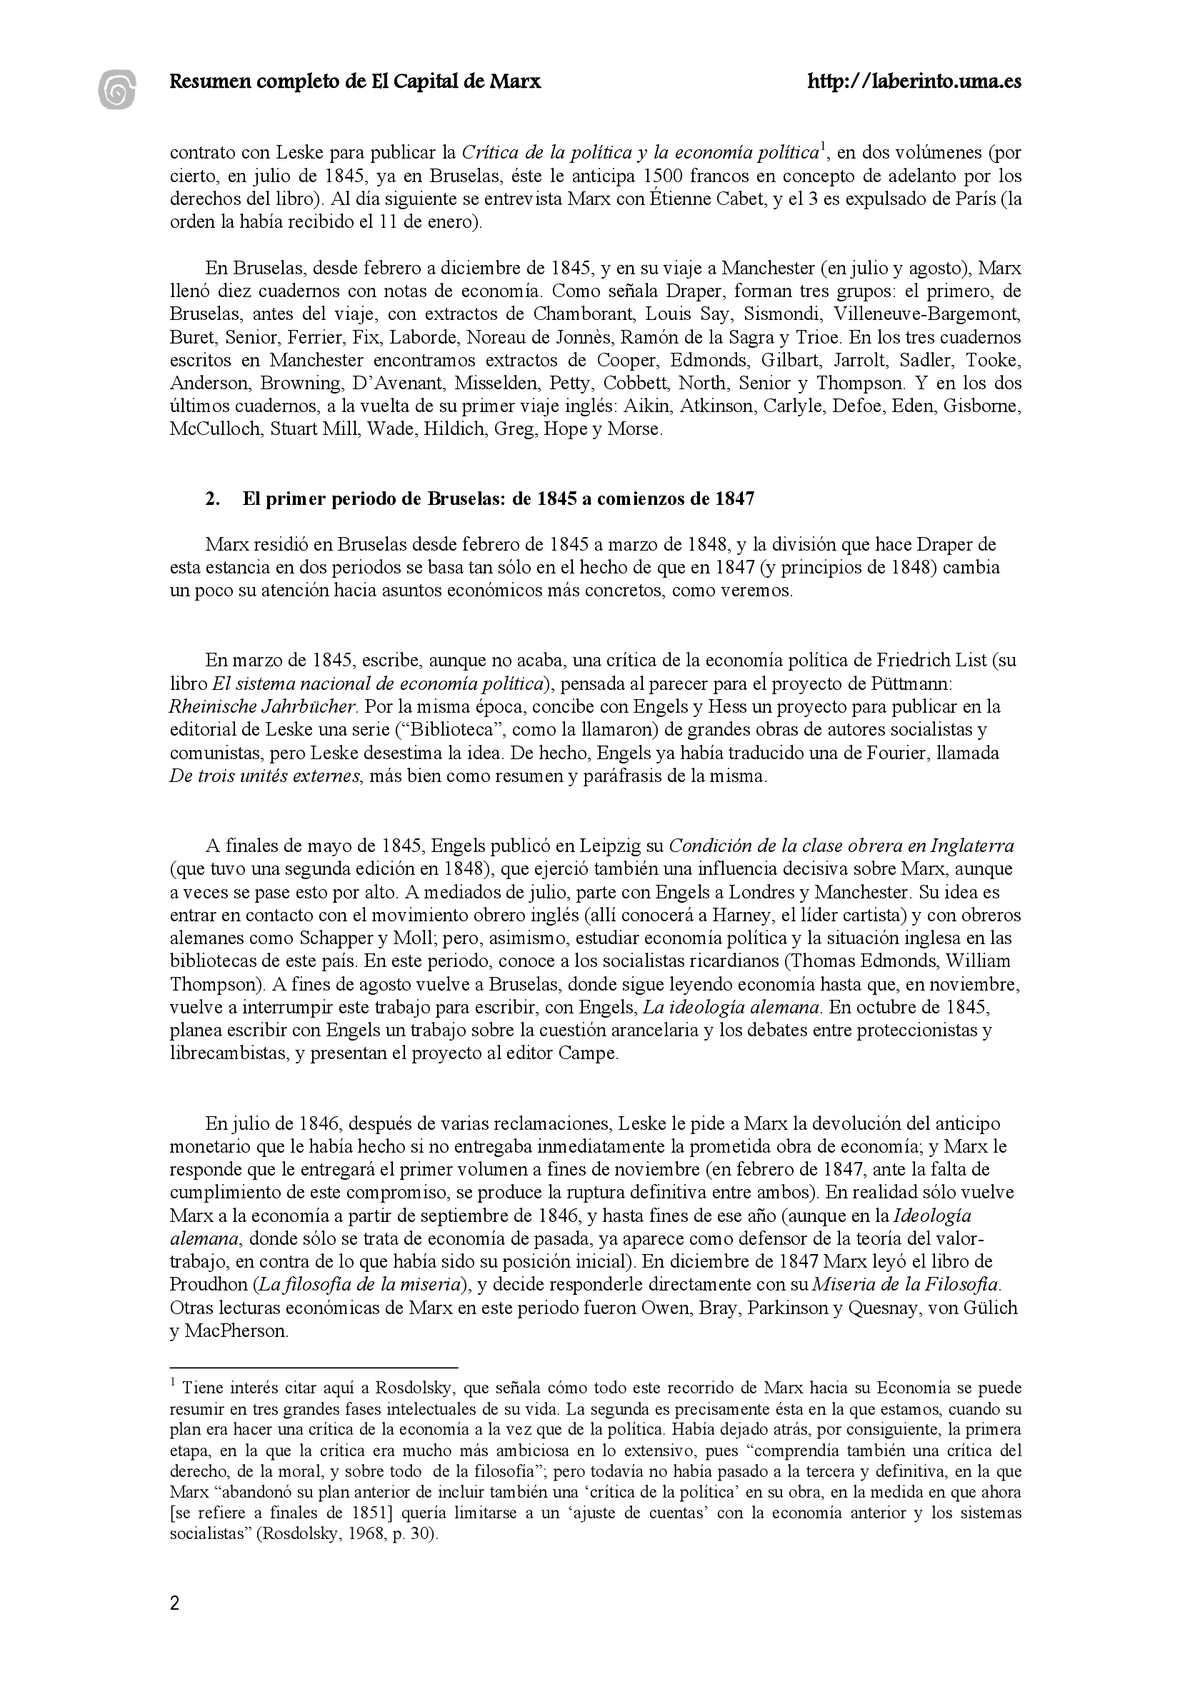 El Capital de Marx (Resumen) - CALAMEO Downloader